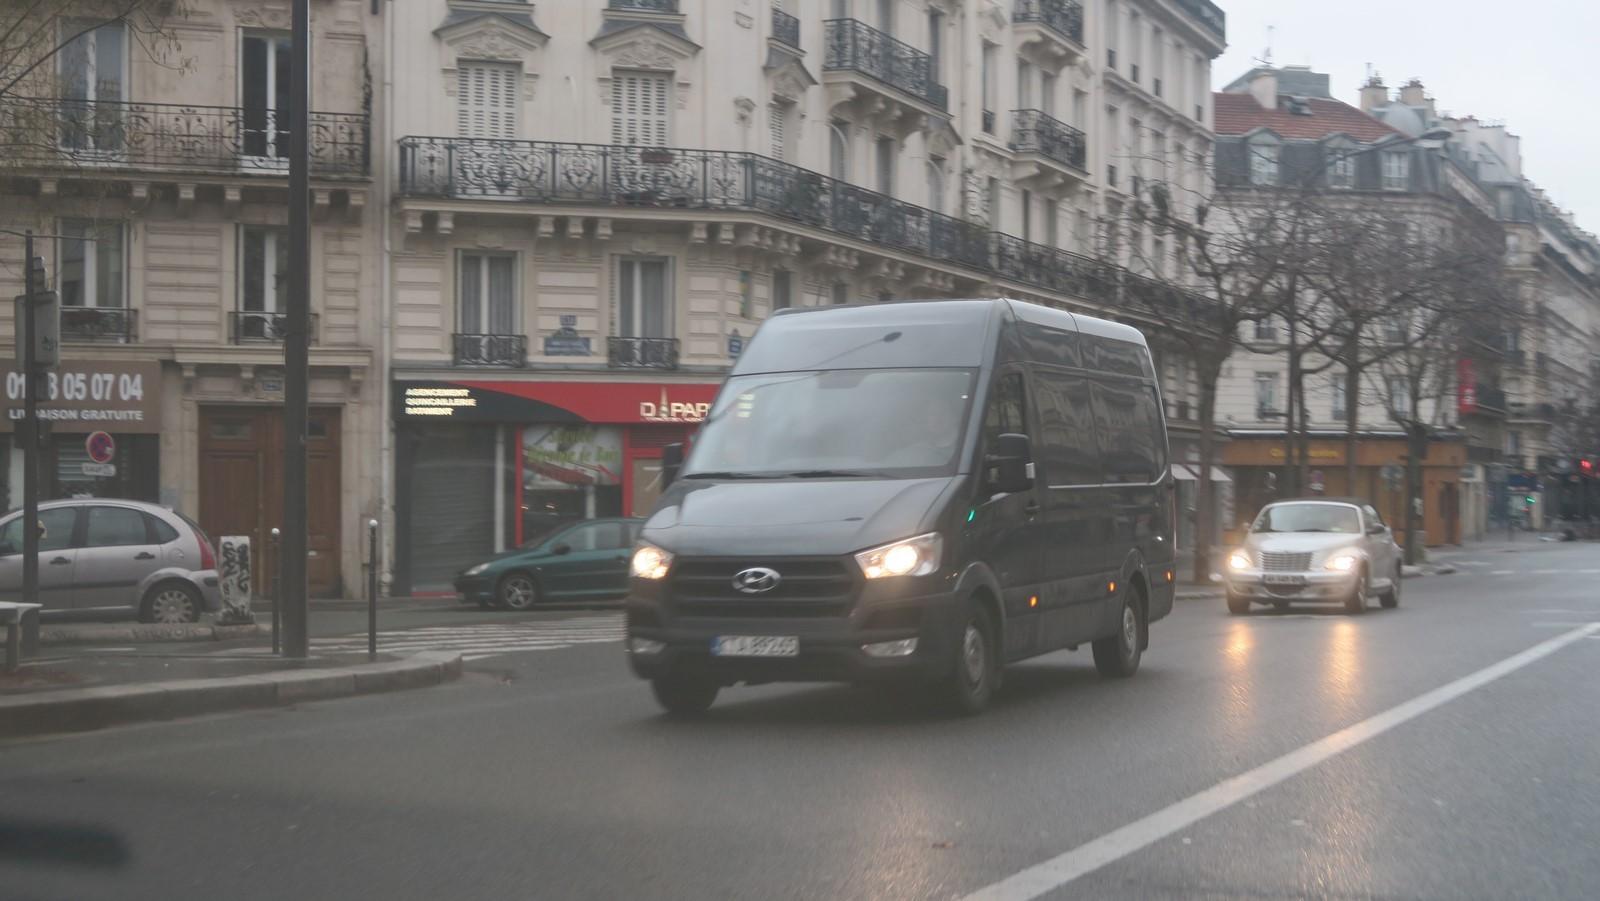 Traversee de Paris hivernale 2019 FM 13